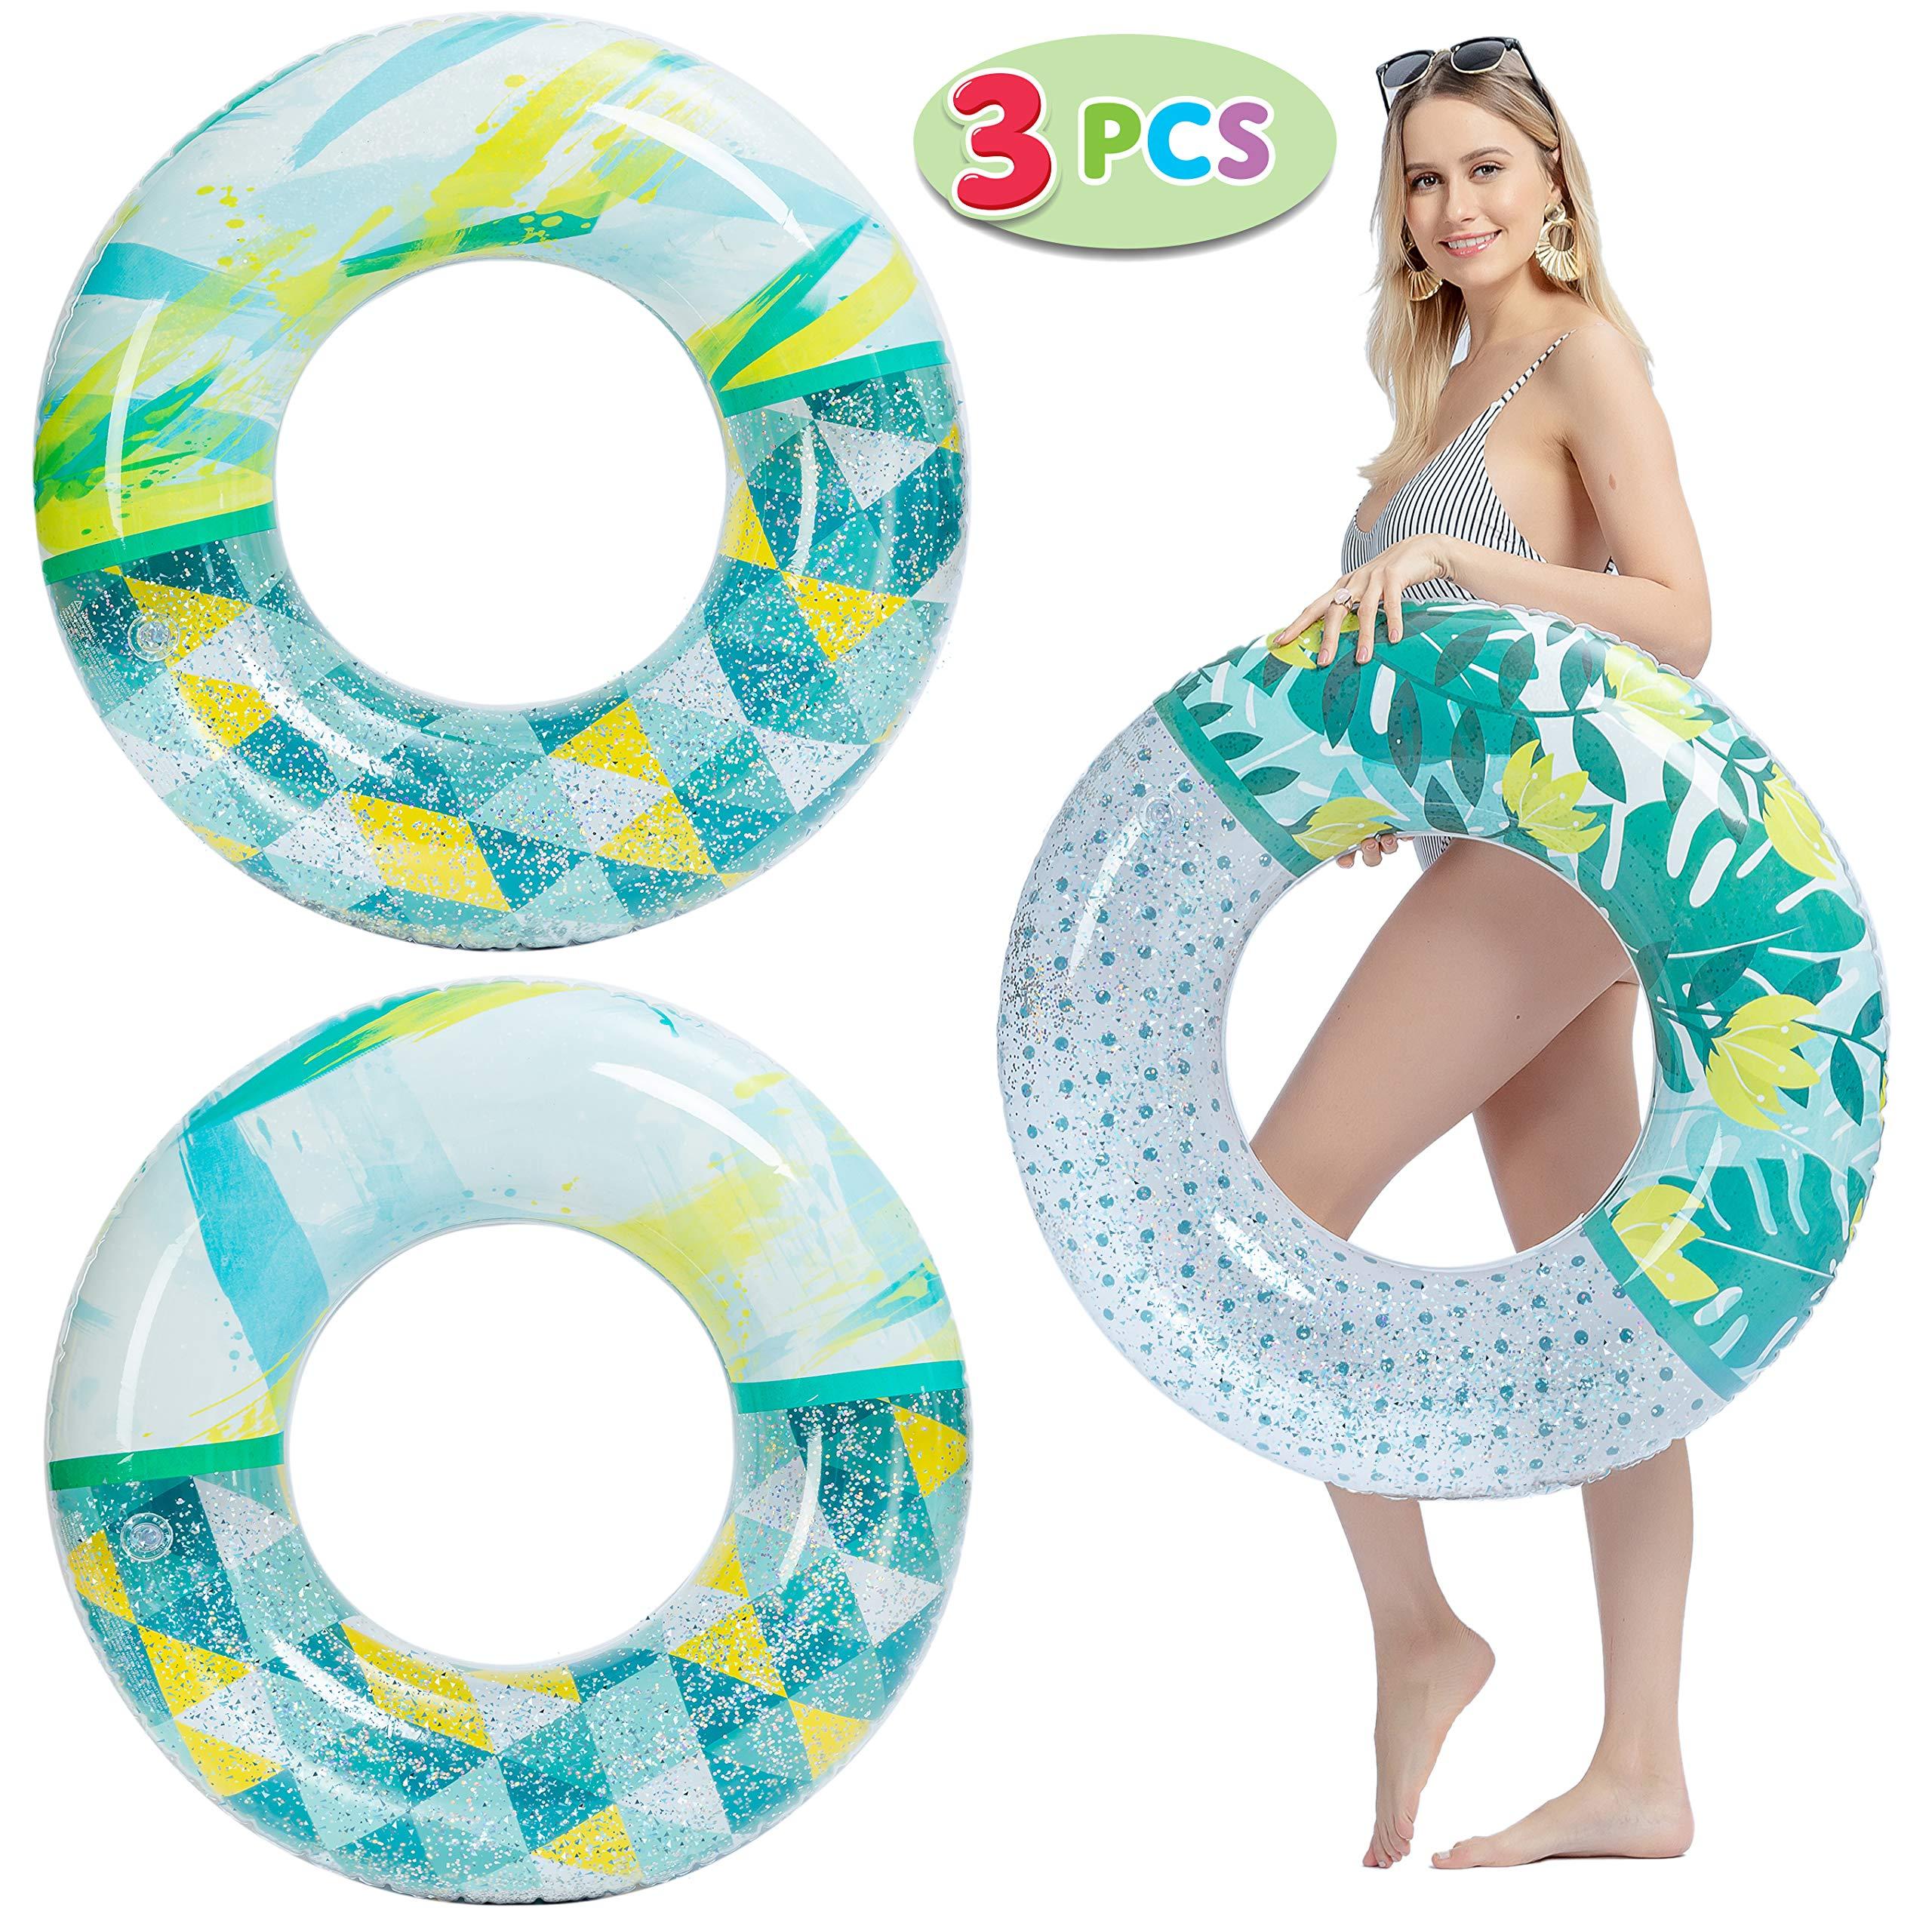 JOYIN 3 Unidades de Tubos inflables de Moda para Piscina, flotadores de Piscina de 32.5 cm, Juguetes con Purpurina para decoración de Fiesta en la Piscina: Amazon.es: Juguetes y juegos